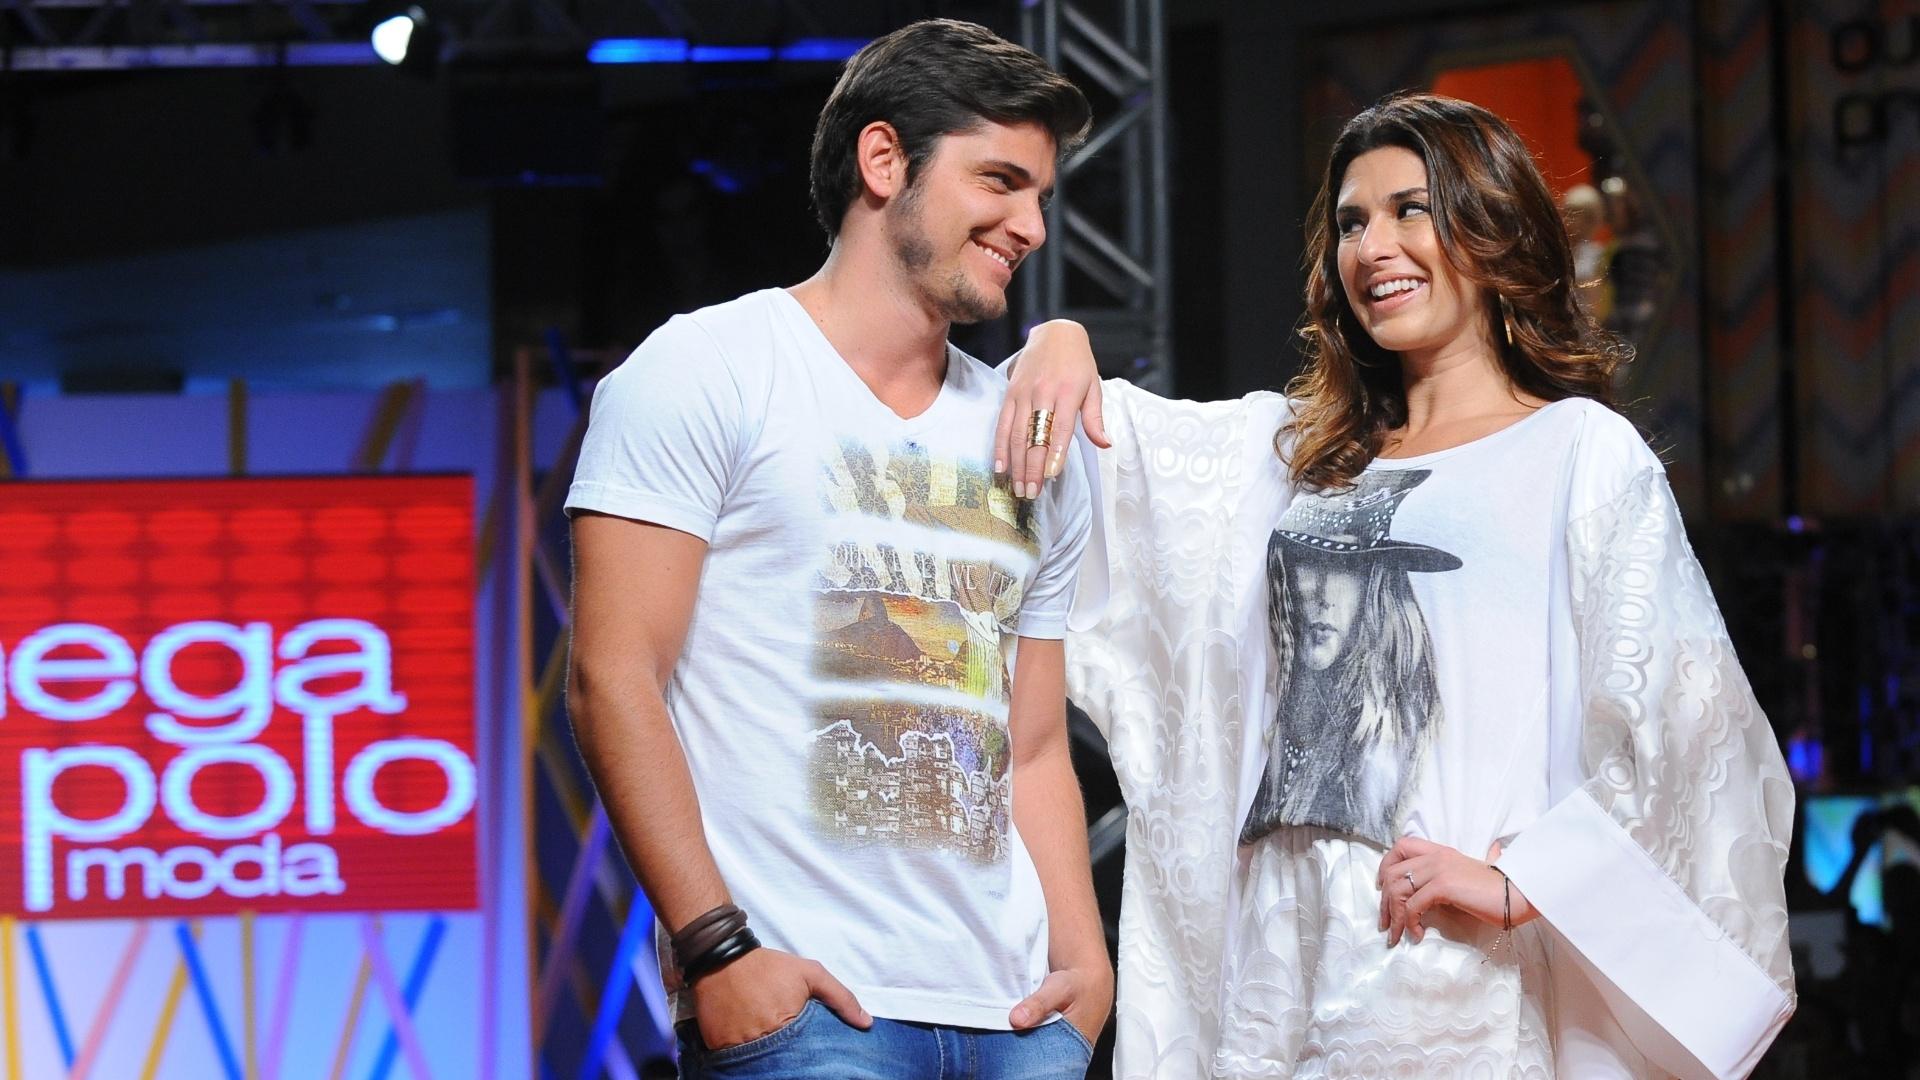 31.jul.2013 - Bruno Gissoni e Fernanda Paes Leme desfilam no Mega Polo Moda, no Brás, em SP